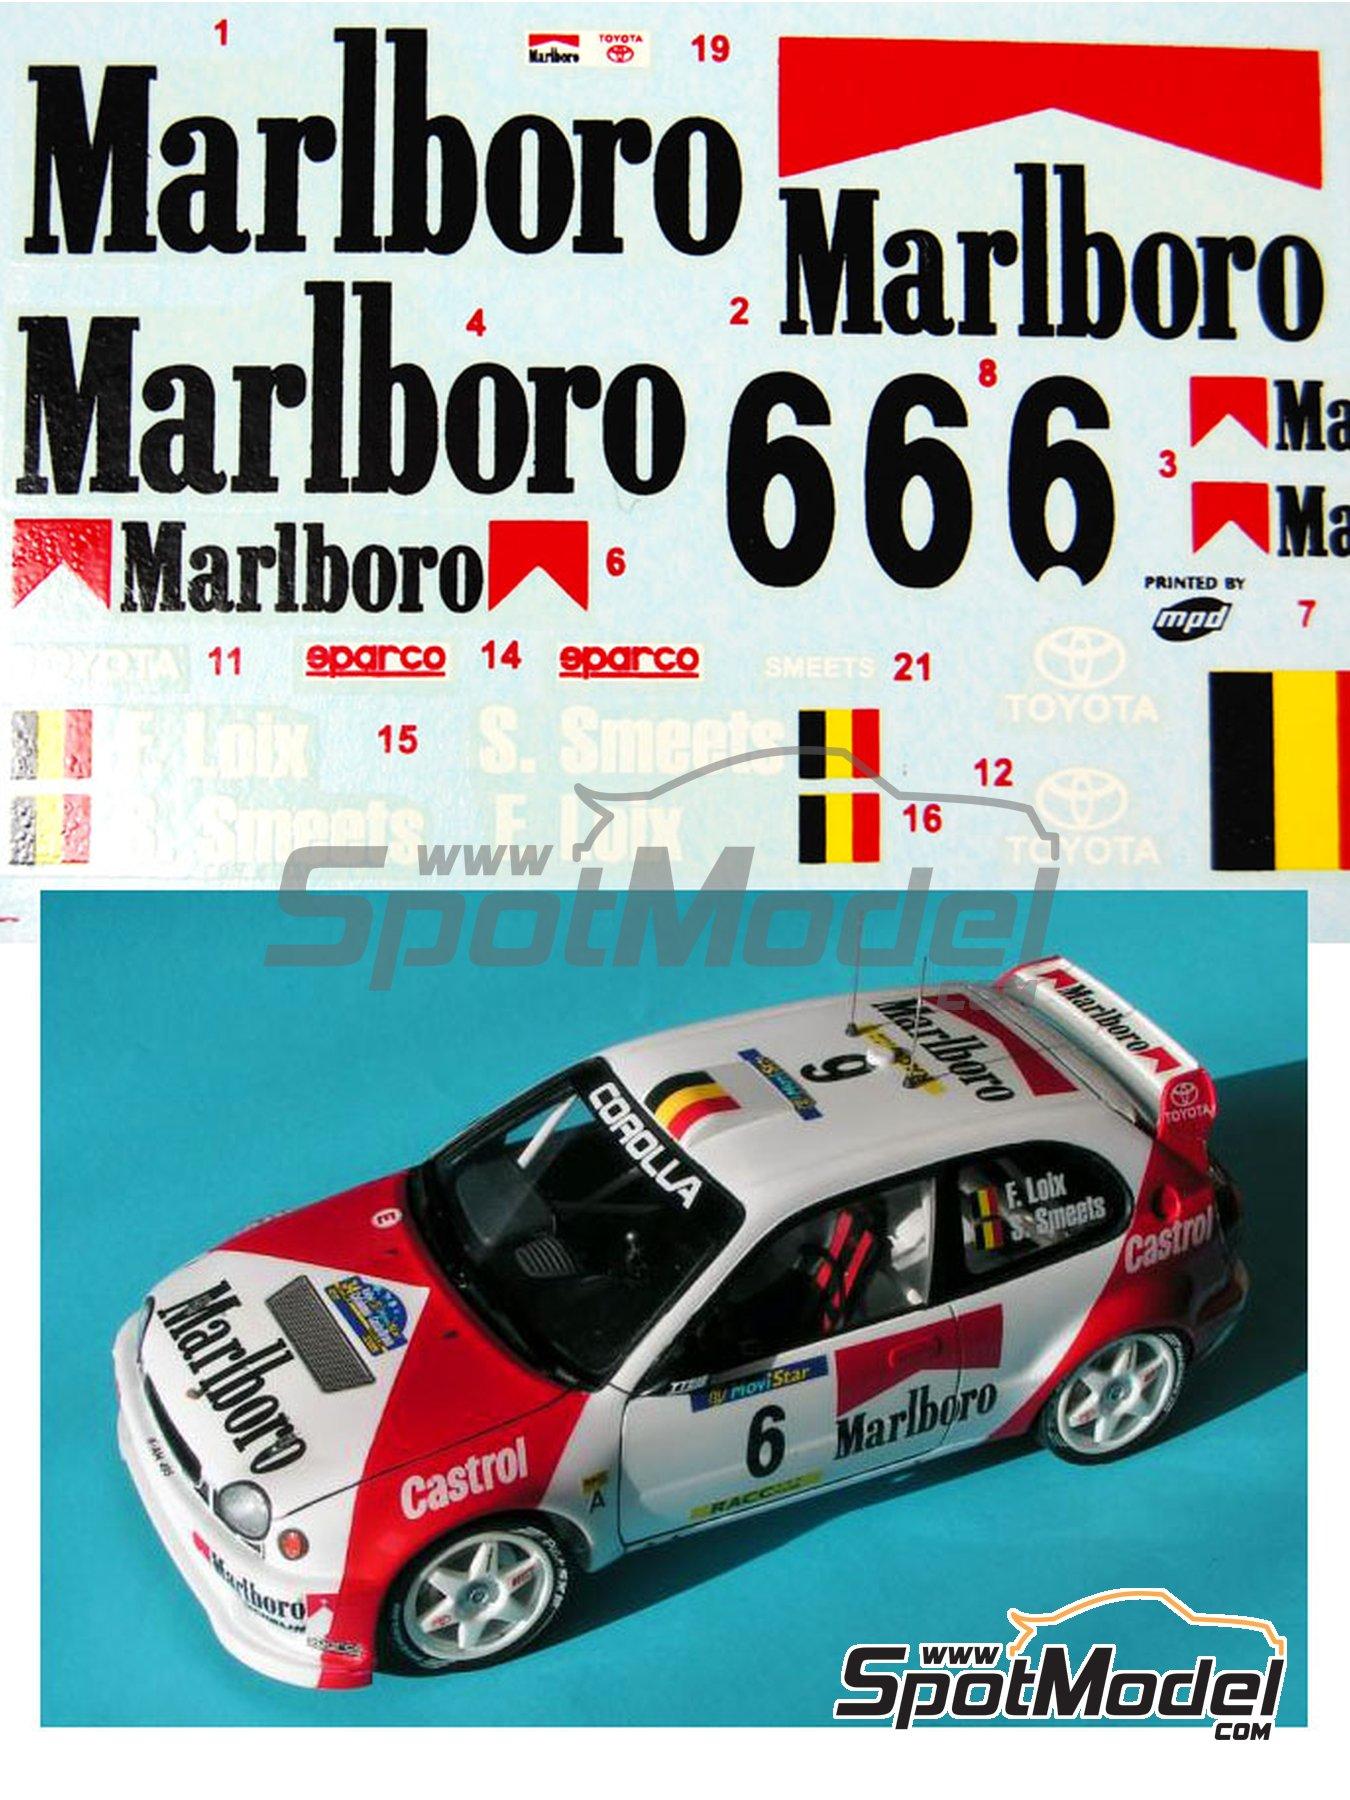 Toyota Corolla WRC Marlboro - Rally de Cataluña Costa Dorada RACC 1998 | Decoración en escala1/24 fabricado por Reji Model (ref.REJI-027) image